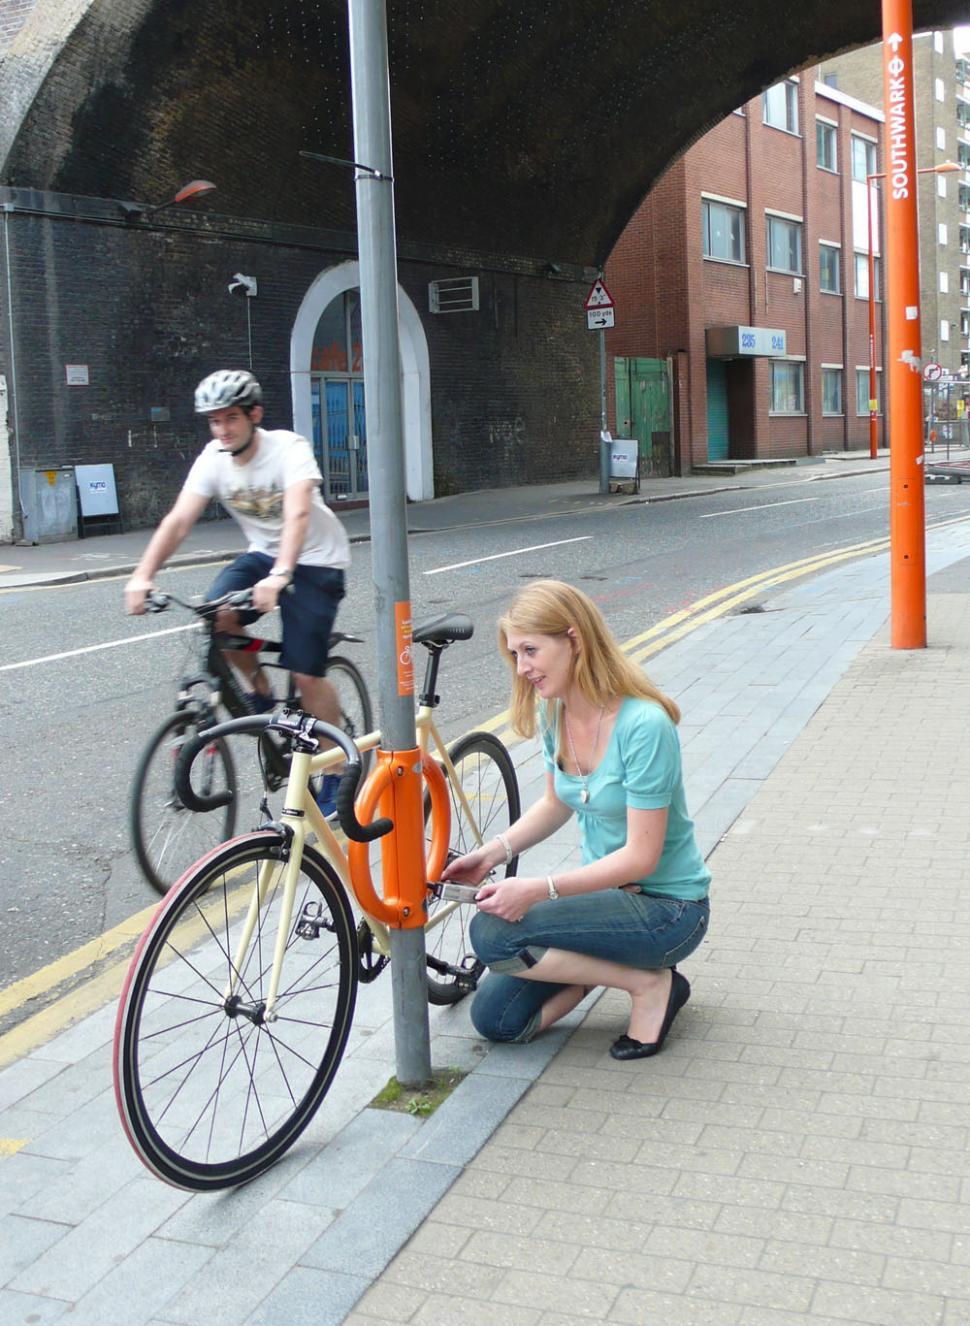 Cyclehoop - Southwark (pic:Antony Lau)